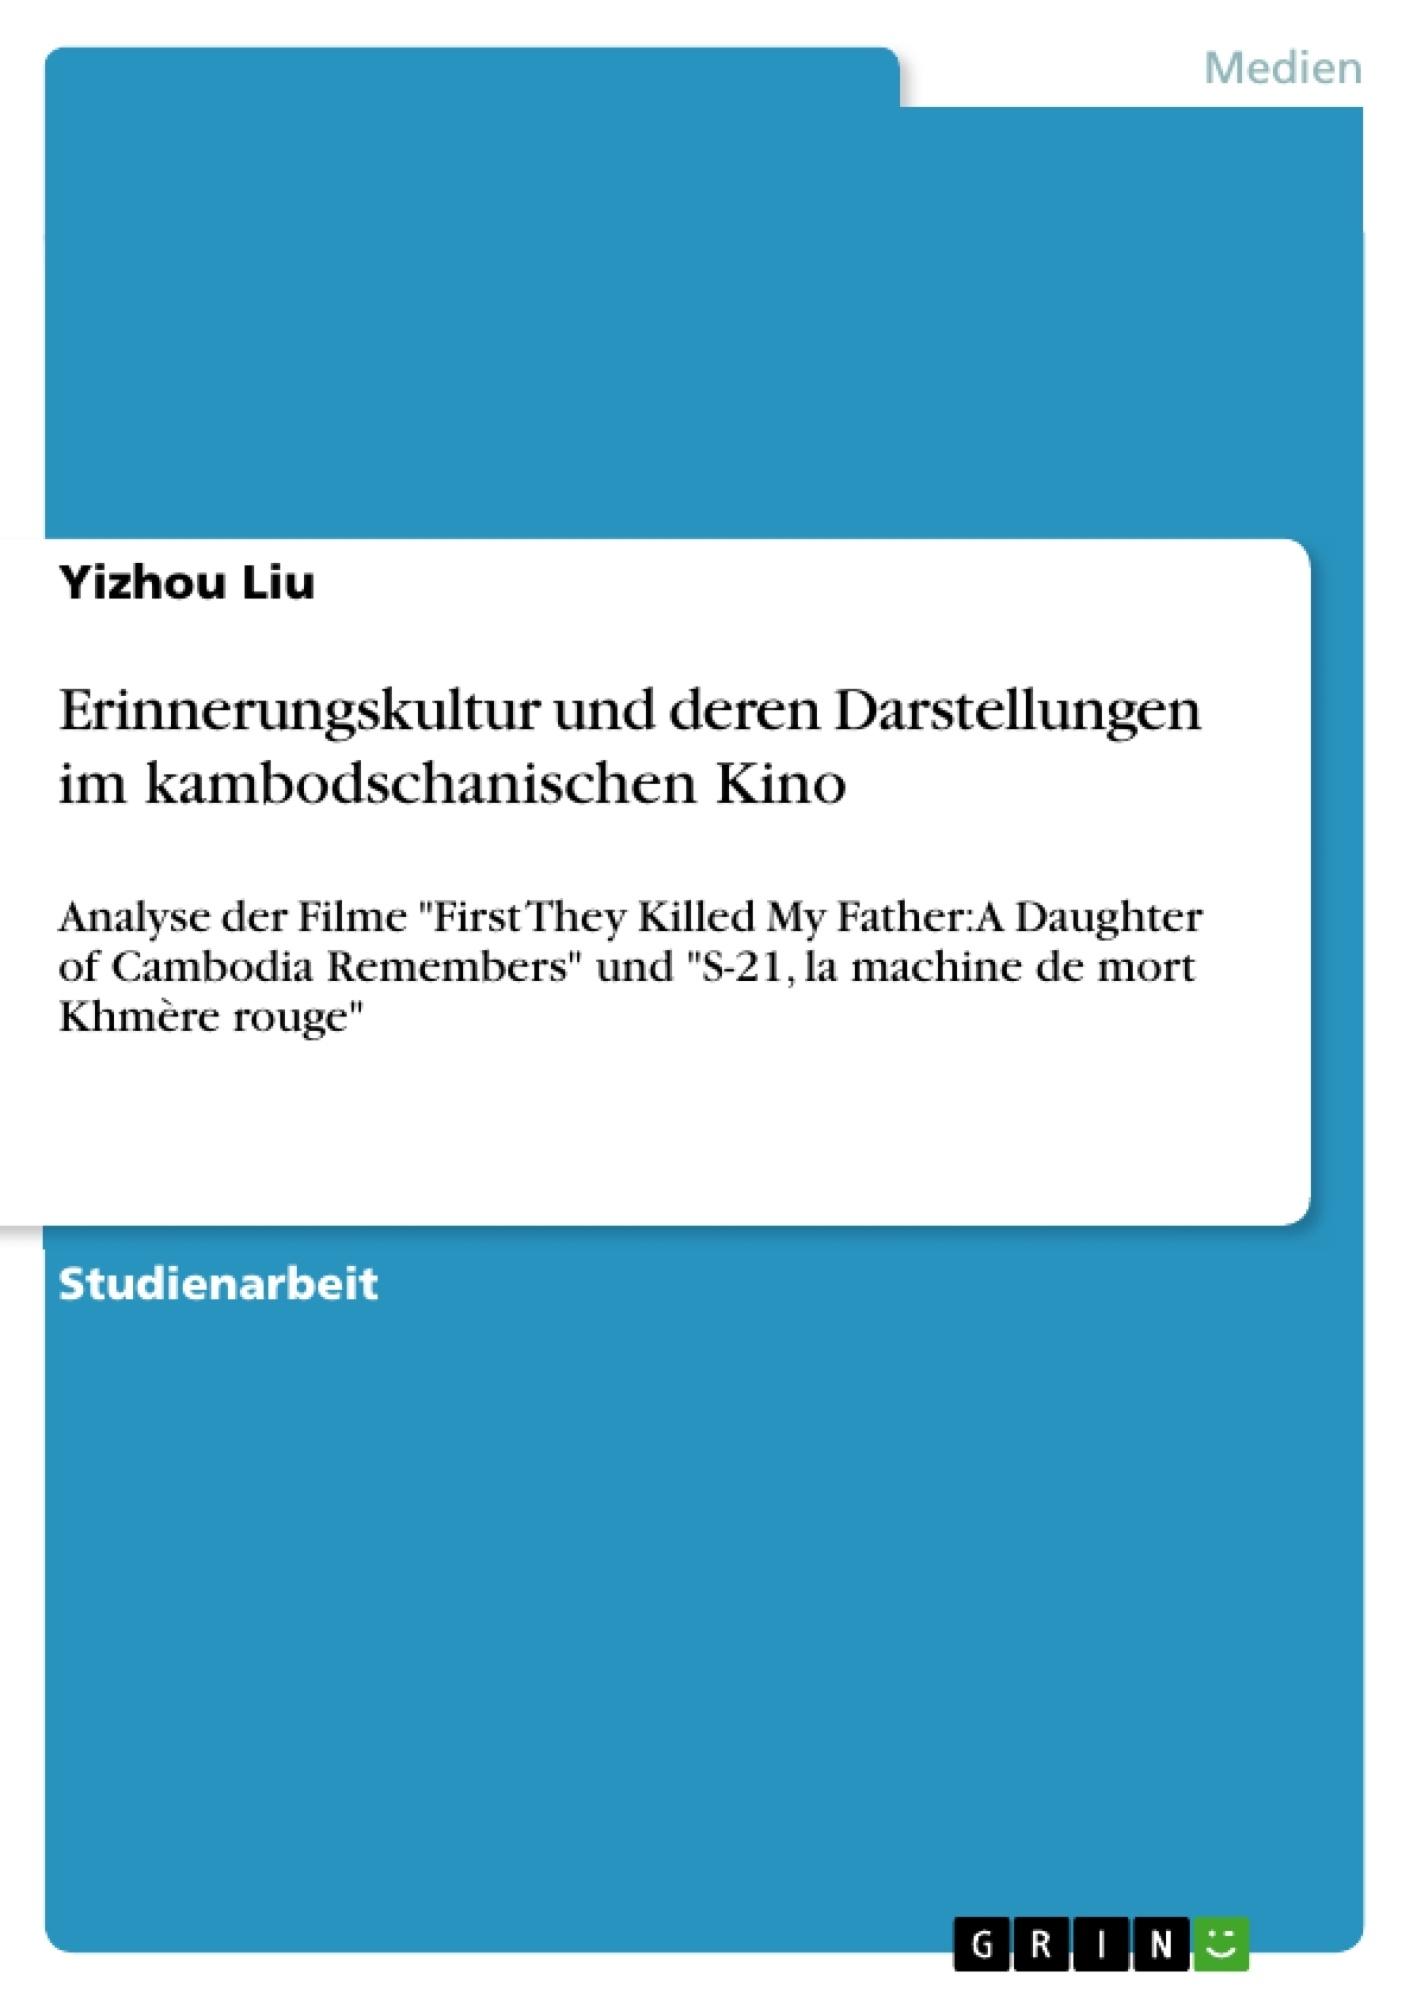 Titel: Erinnerungskultur und deren Darstellungen im kambodschanischen Kino